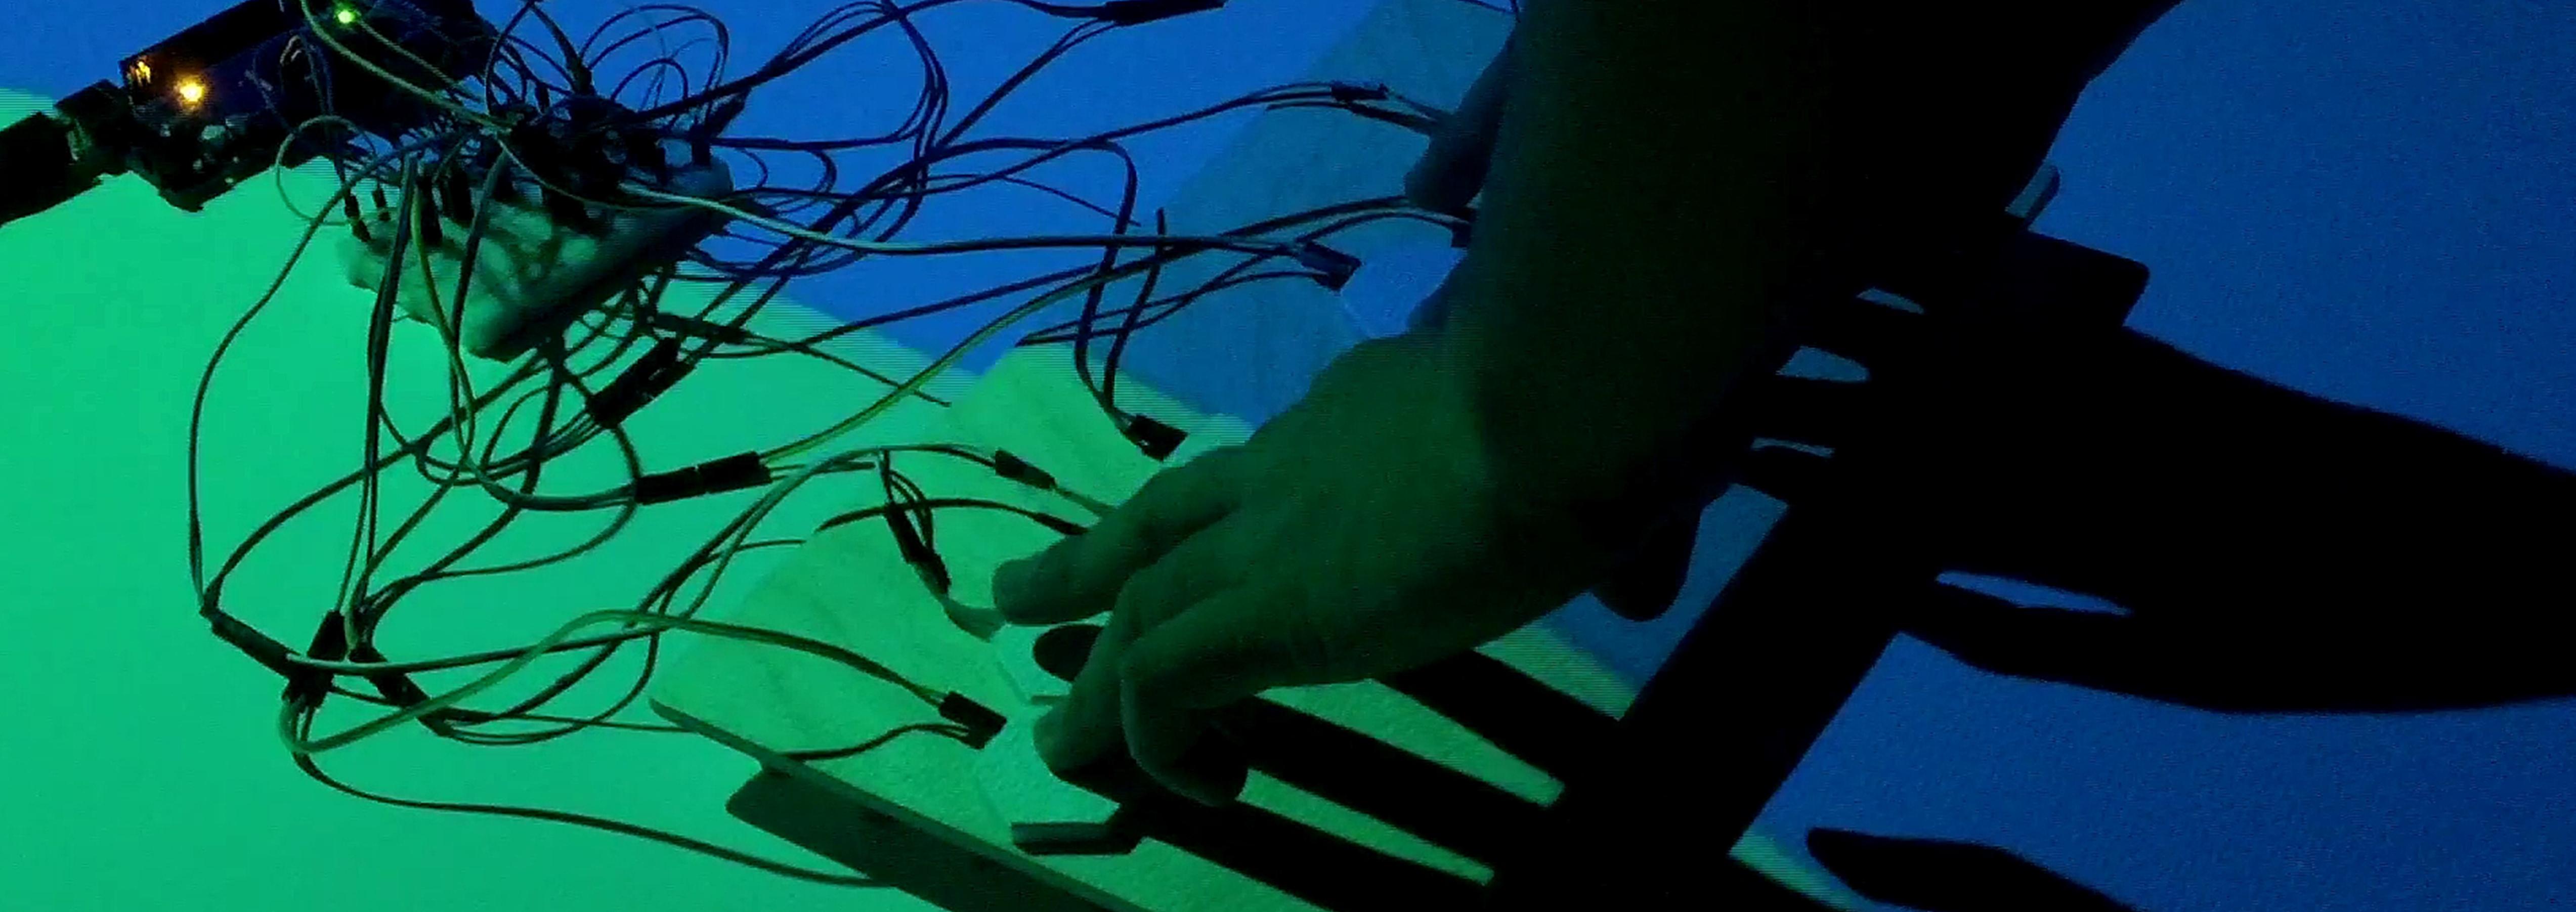 Interactive Voice Piano